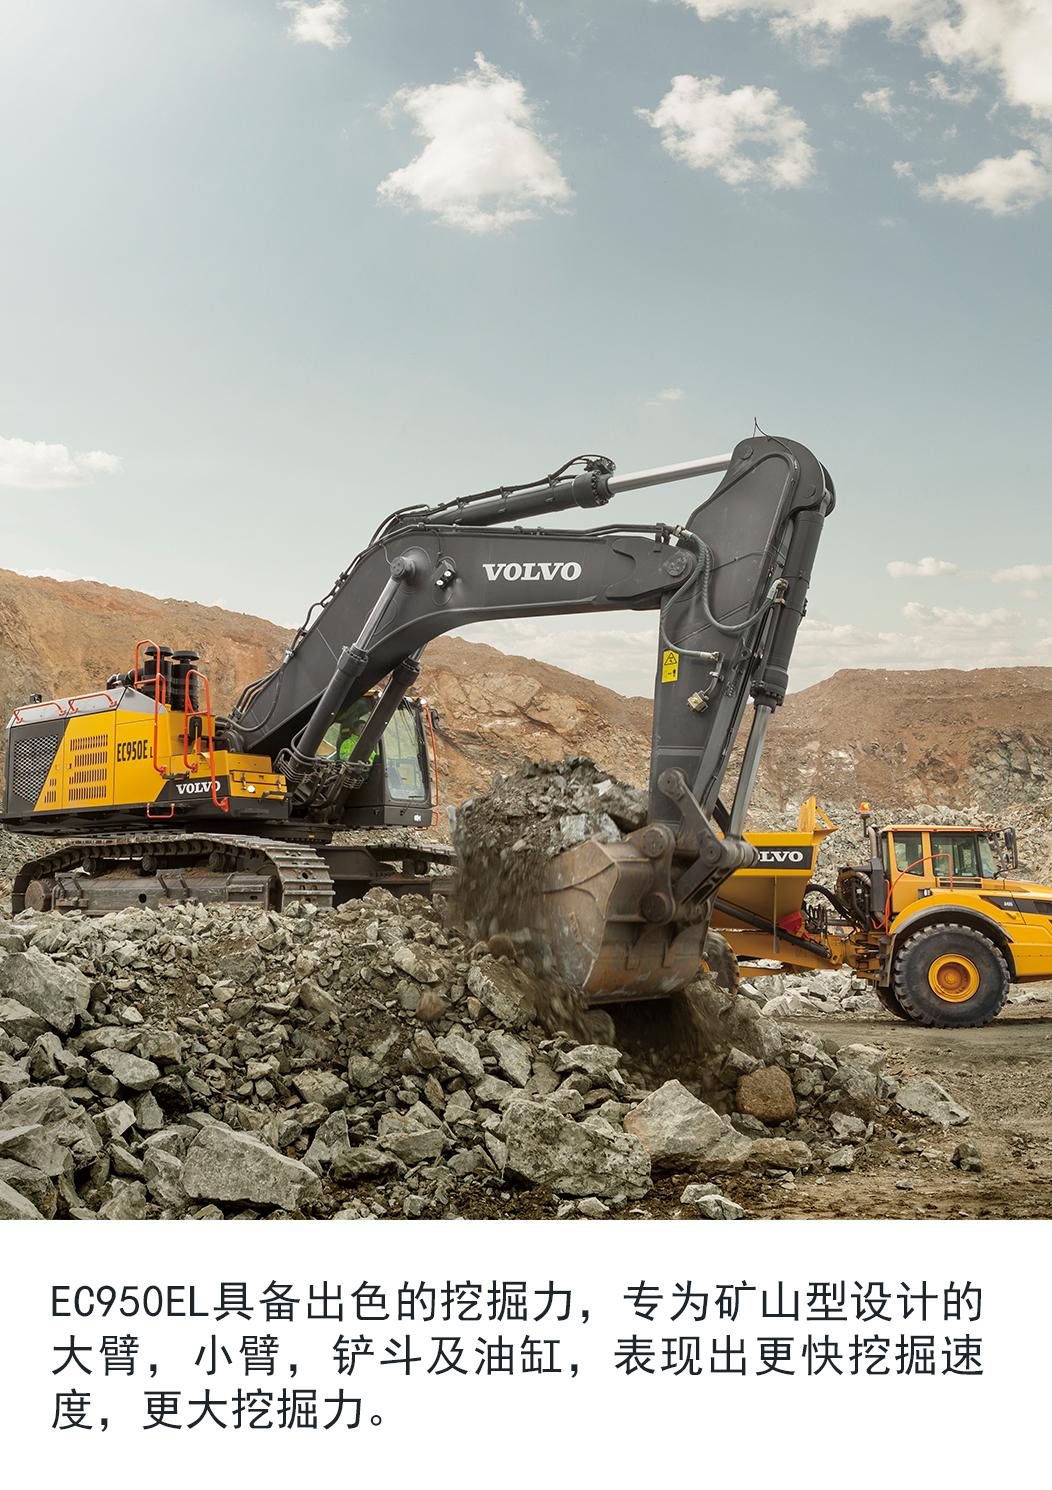 【多圖】沃爾沃EC950EL挖掘機出色的挖掘力細節圖_高清圖